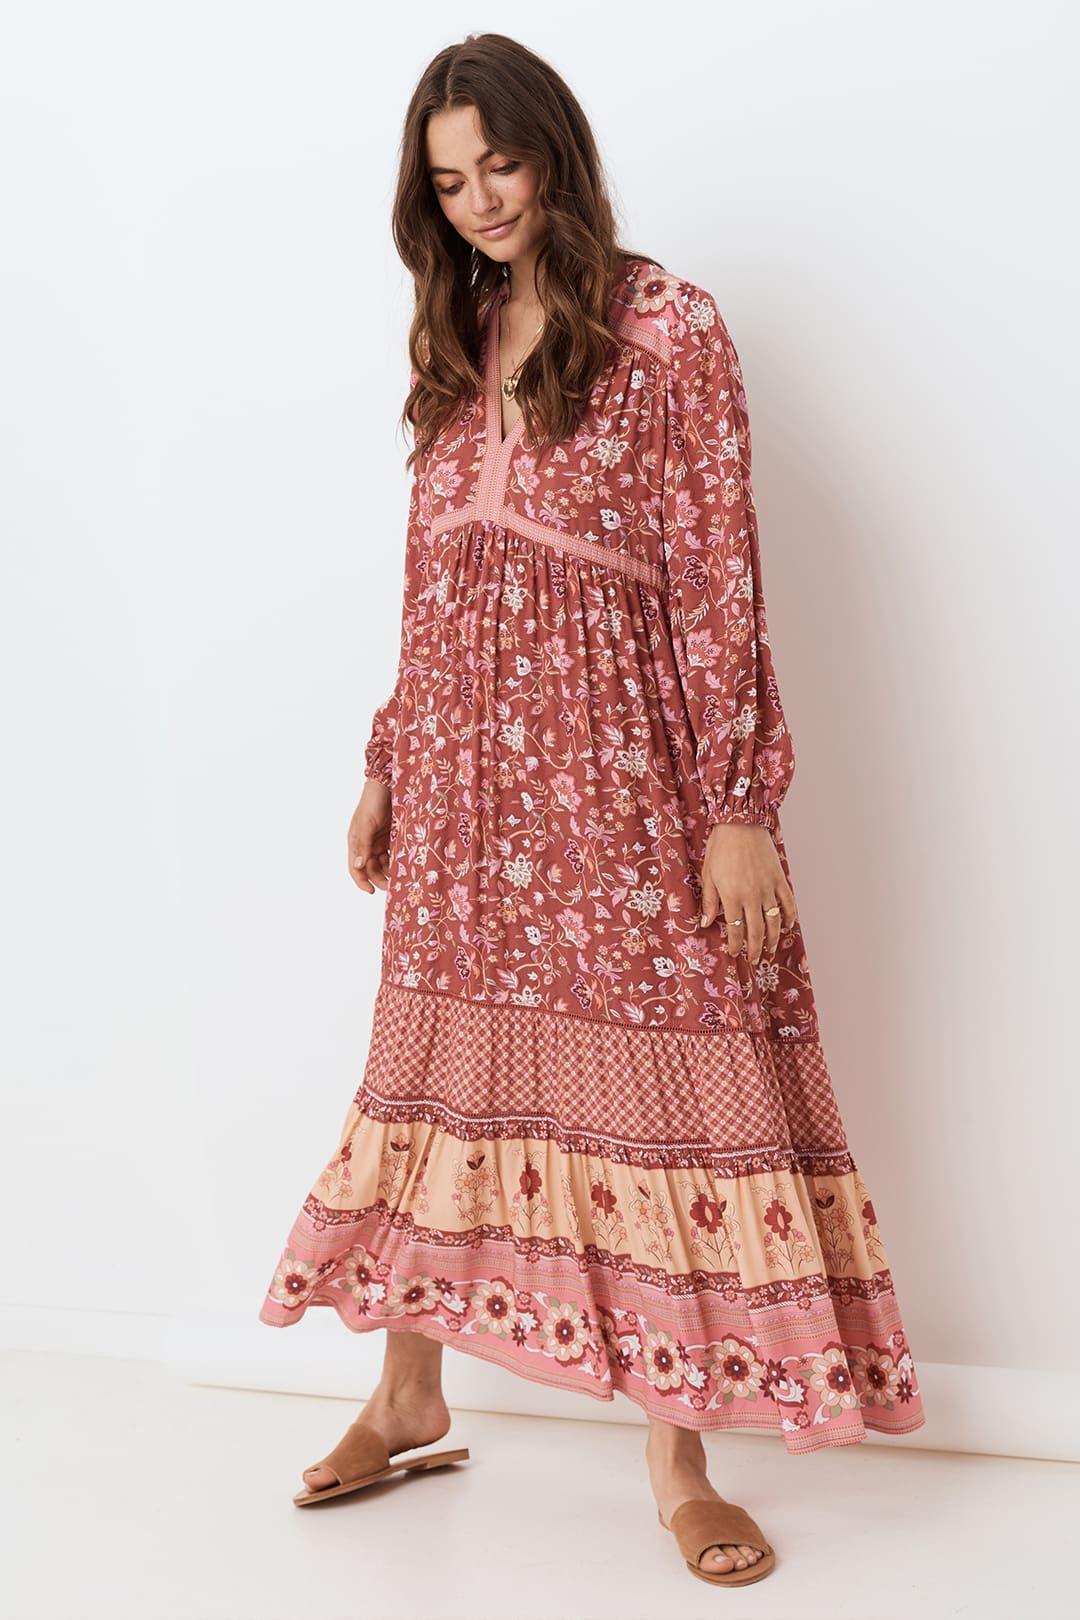 Spell Portobello Road Gown Wine Full Skirt